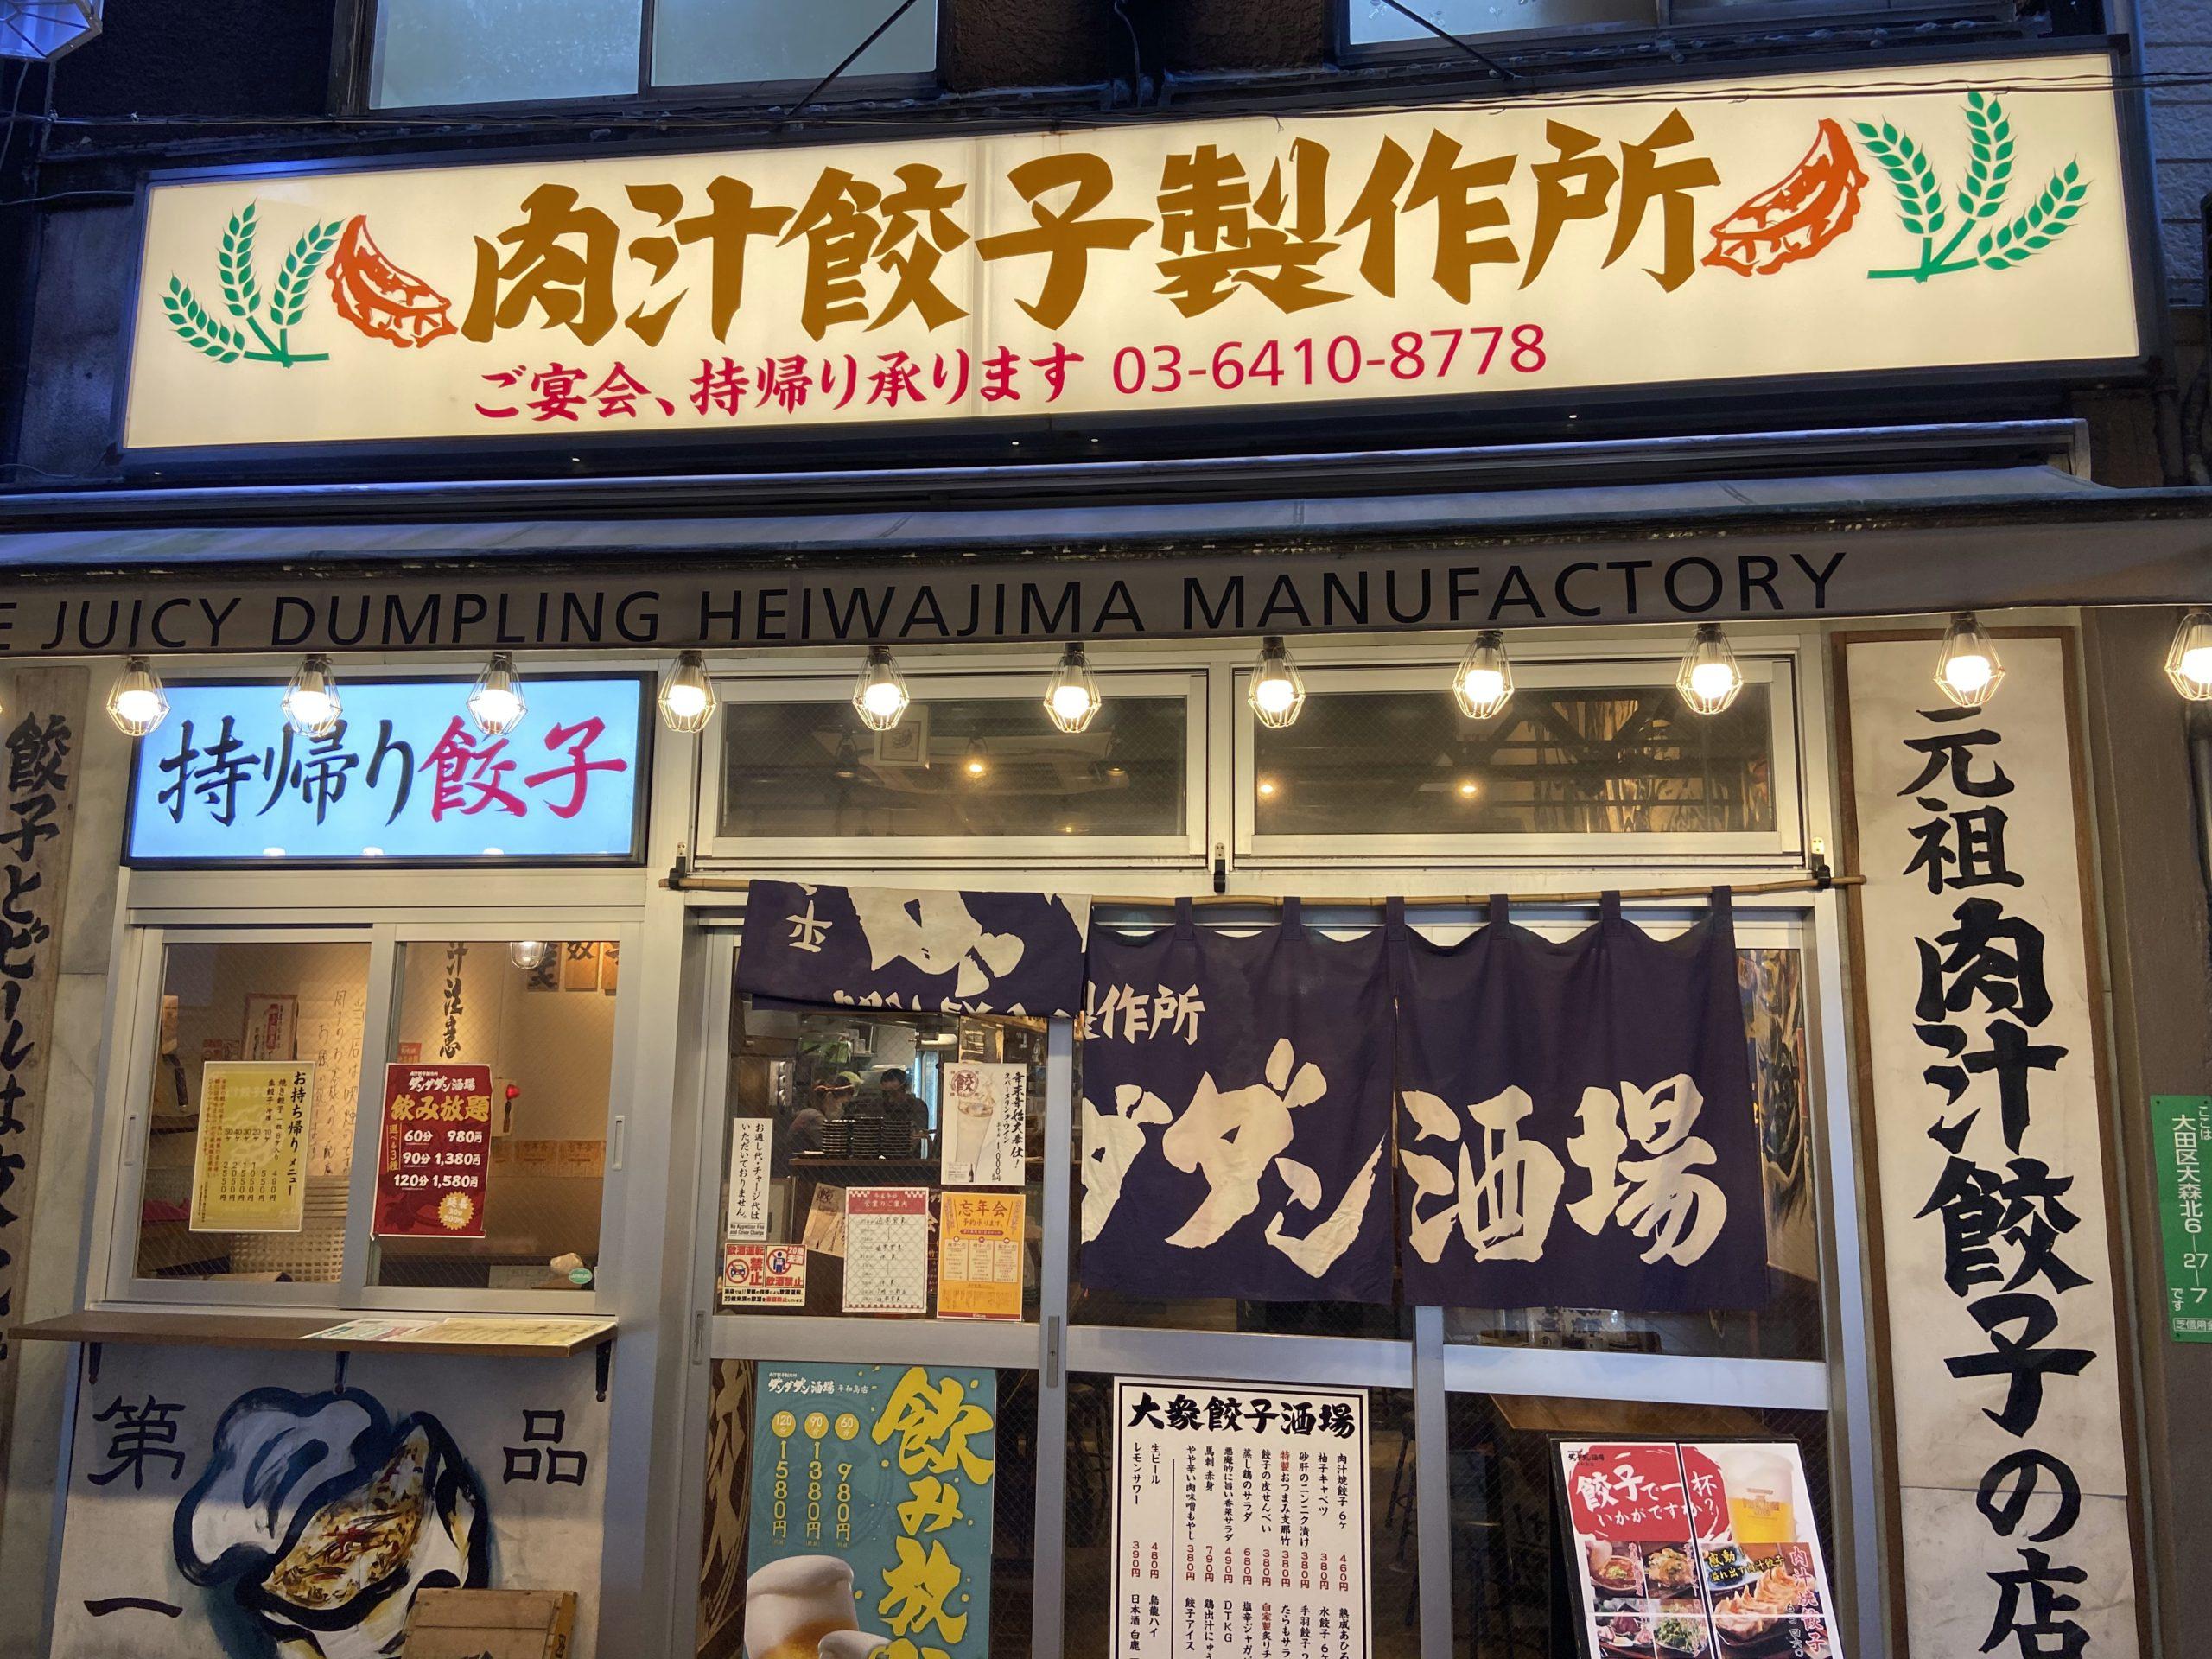 肉汁餃子製作所ダダンダダンダンダン酒場 平和島店